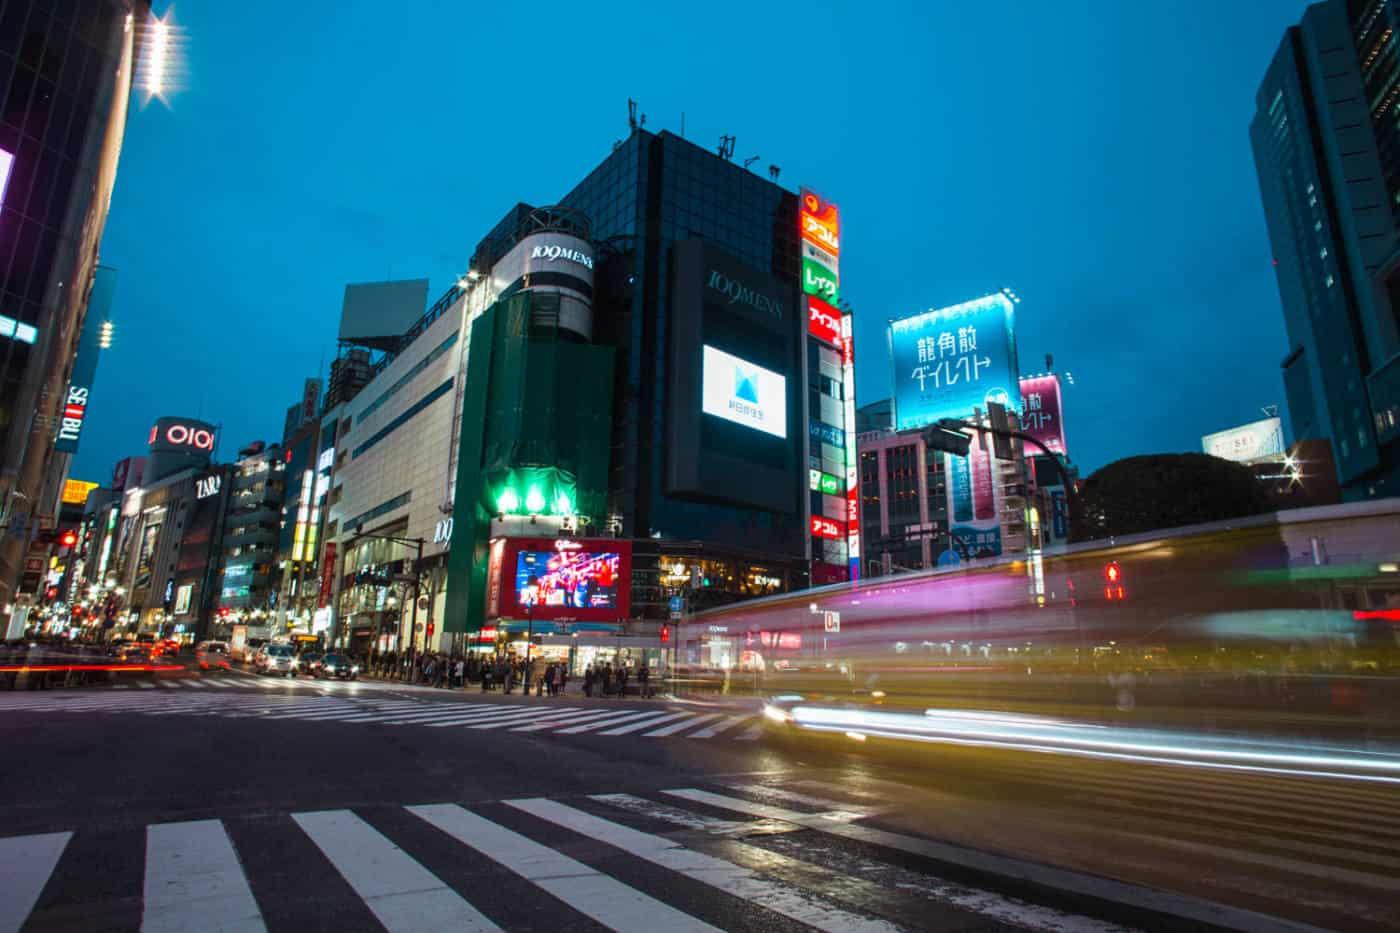 Shibuya at night tokyo nightlife